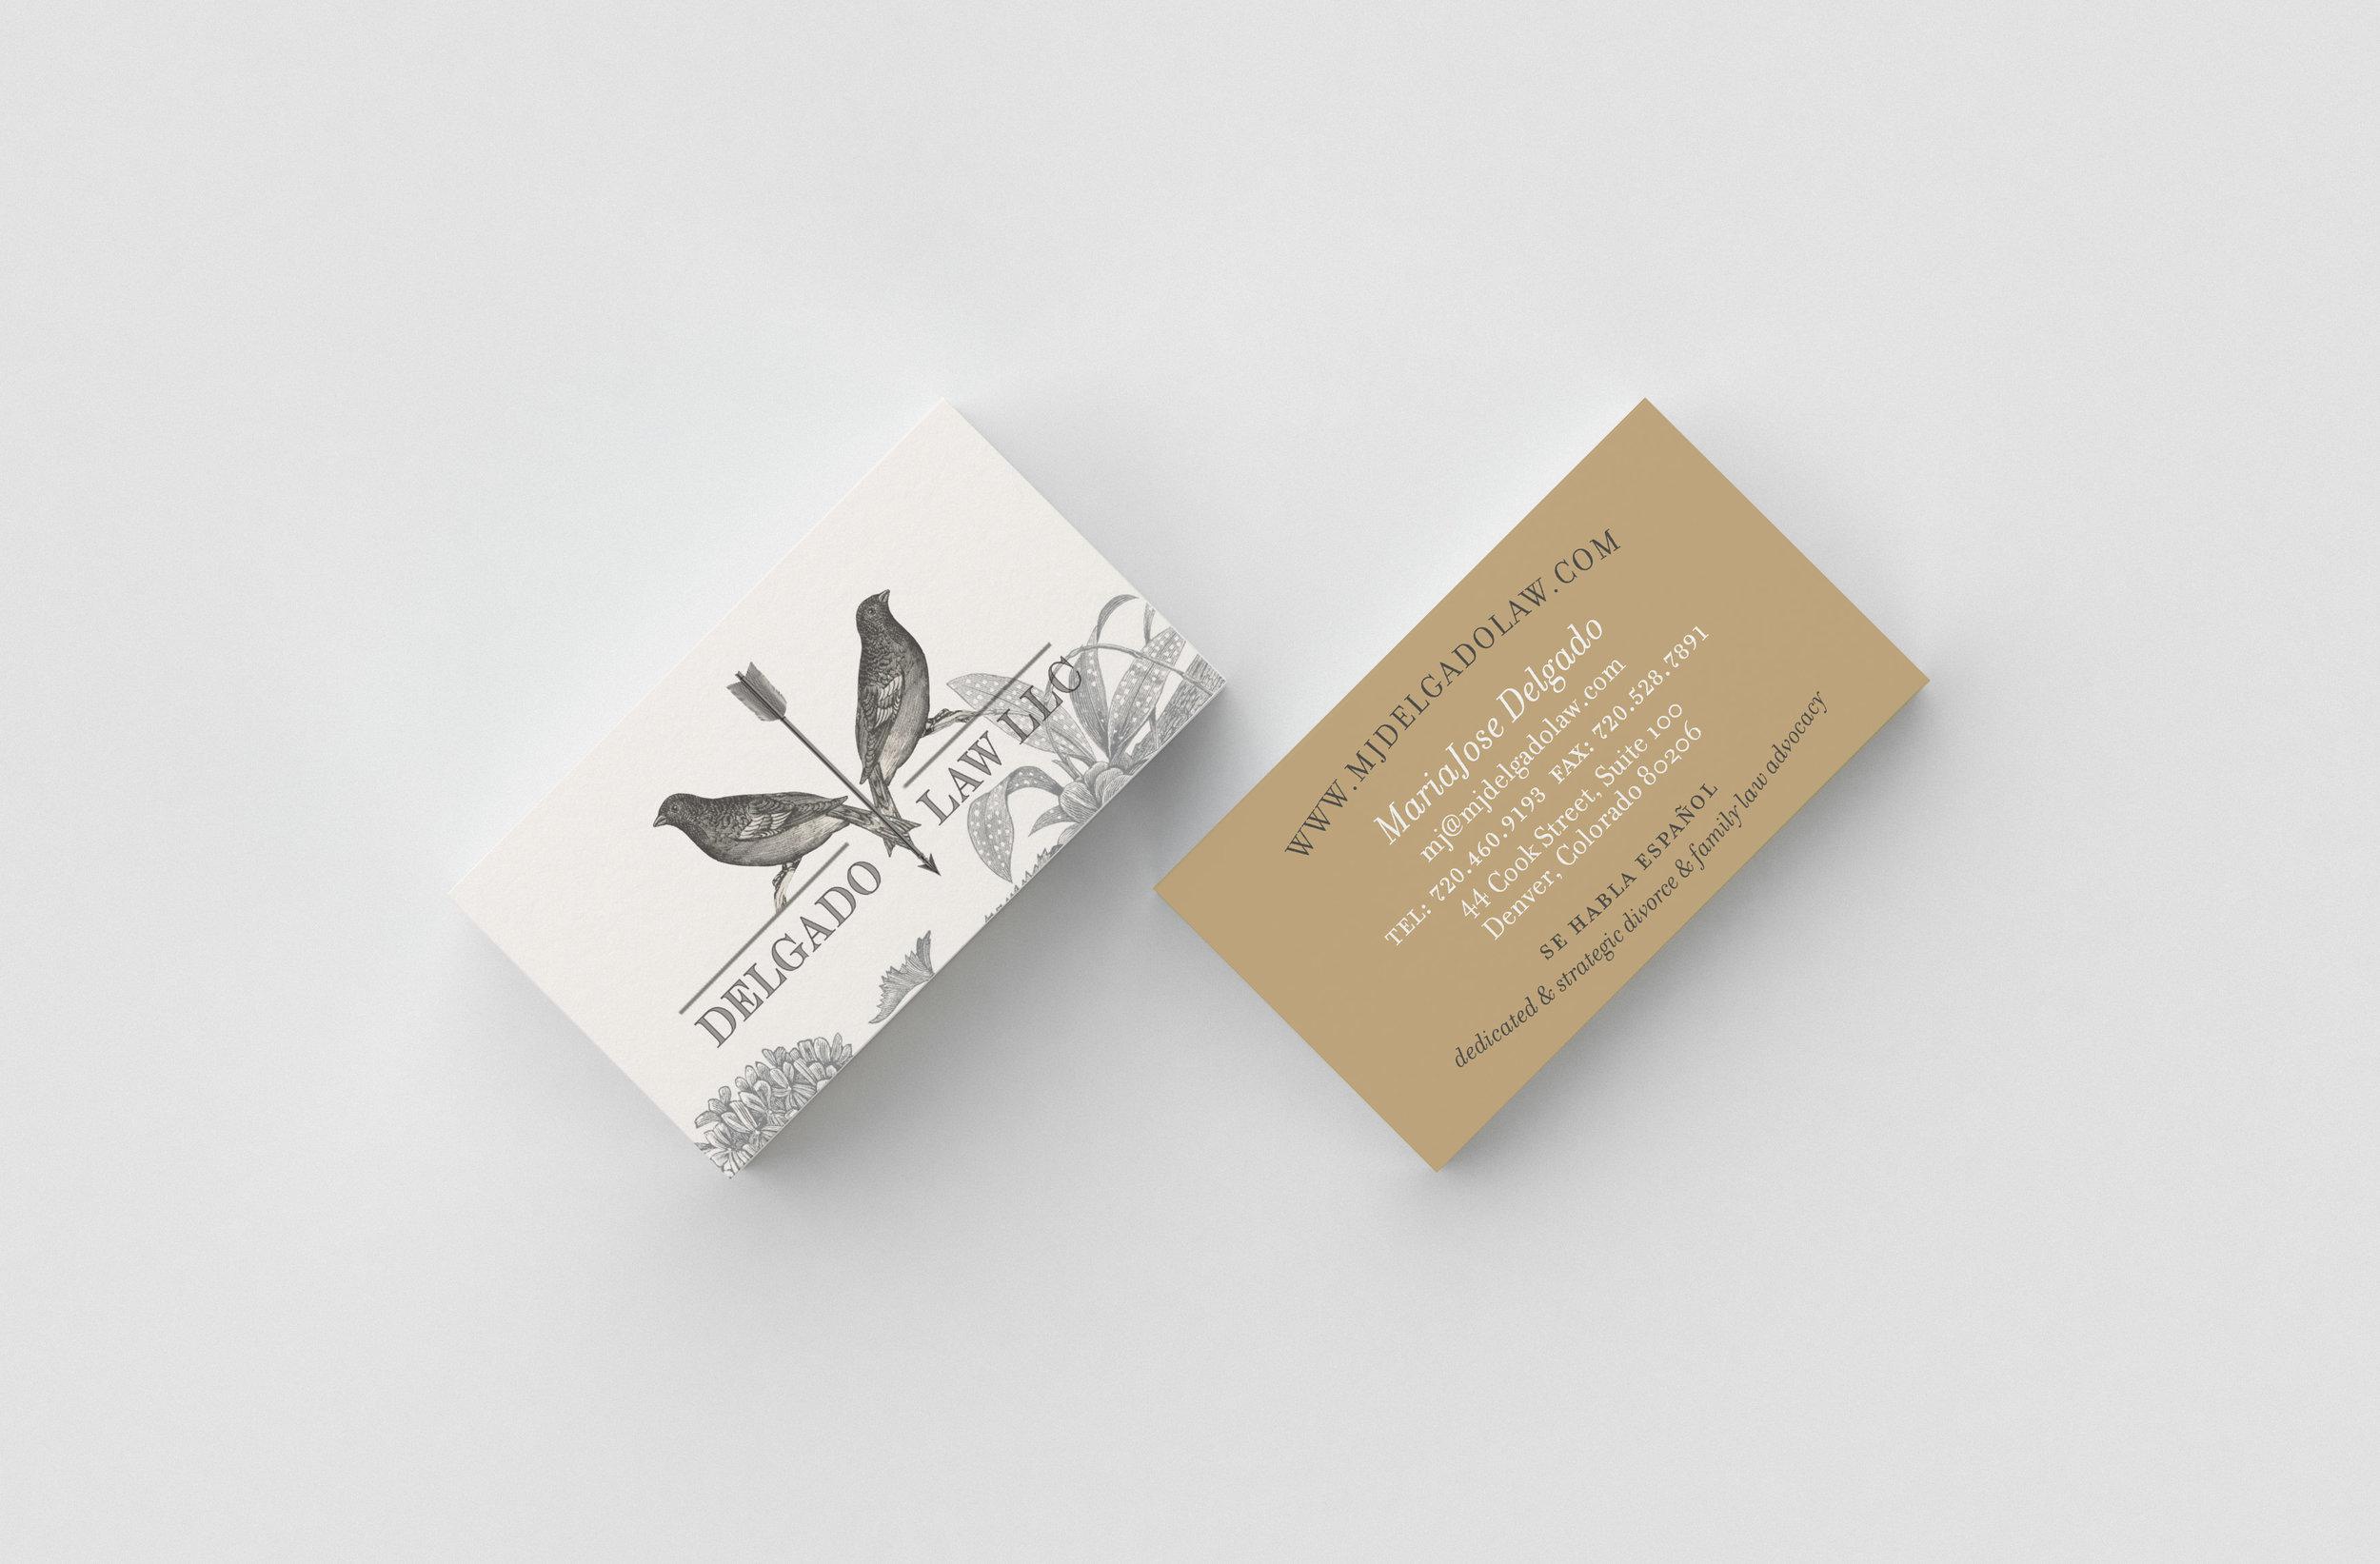 delgado-law-business-card-design-courtney-oliver-freelance-designer-denver.jpg